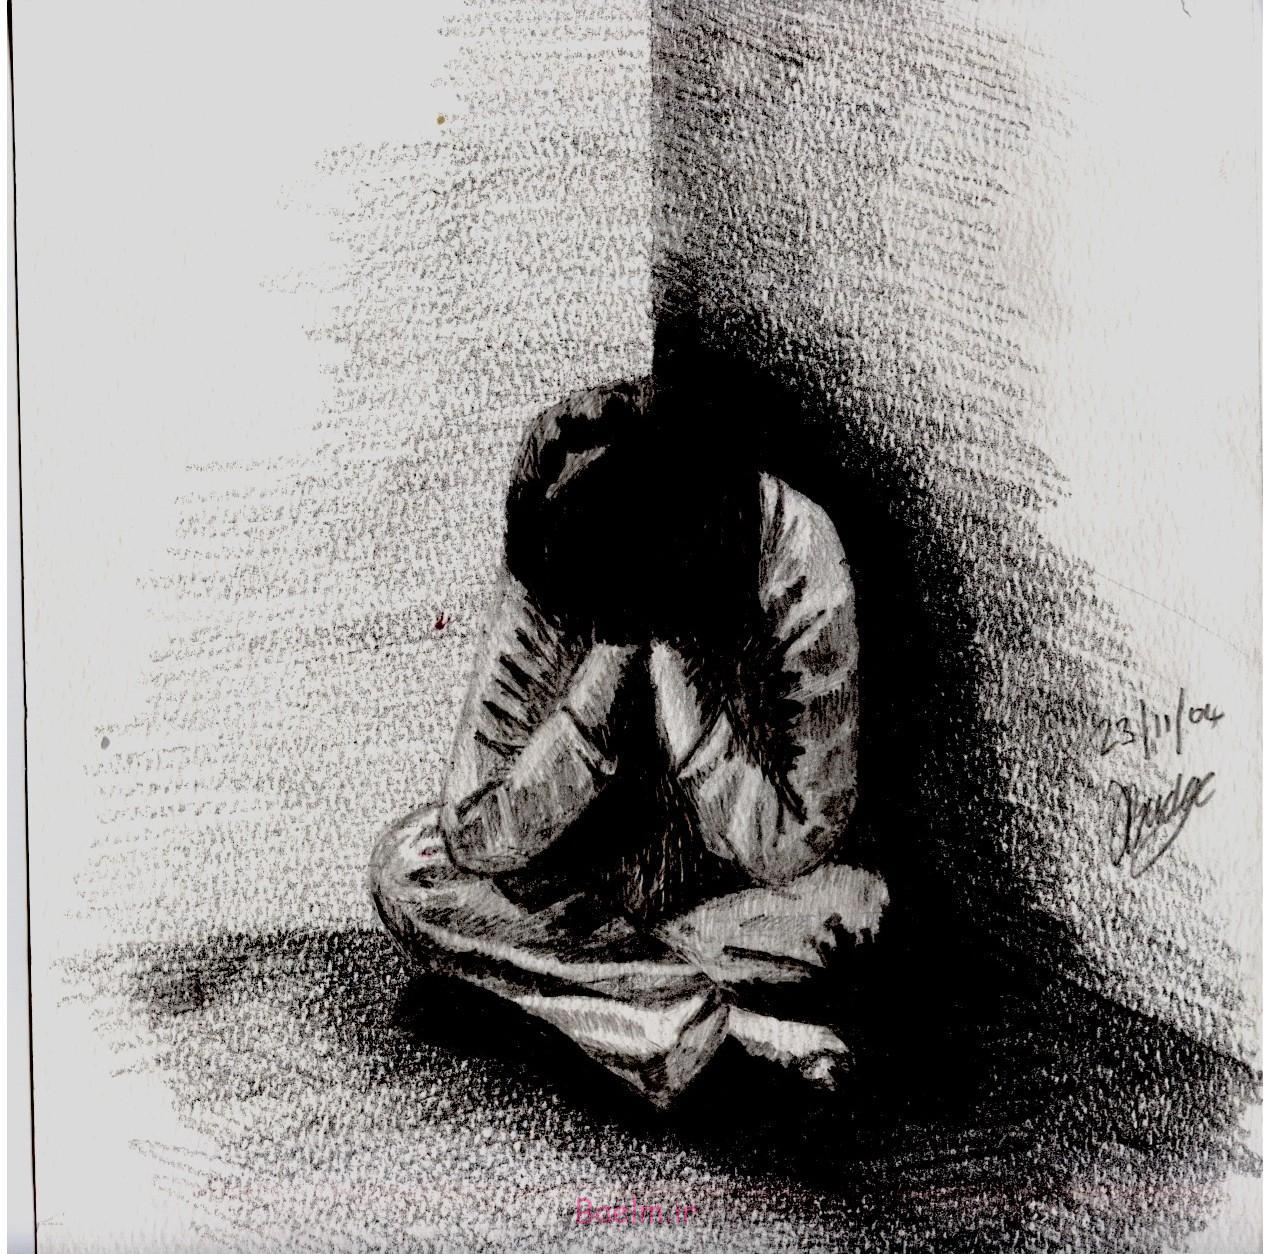 روانشناسي | دلايل رايج ايجاد احساس تنهايي در افراد